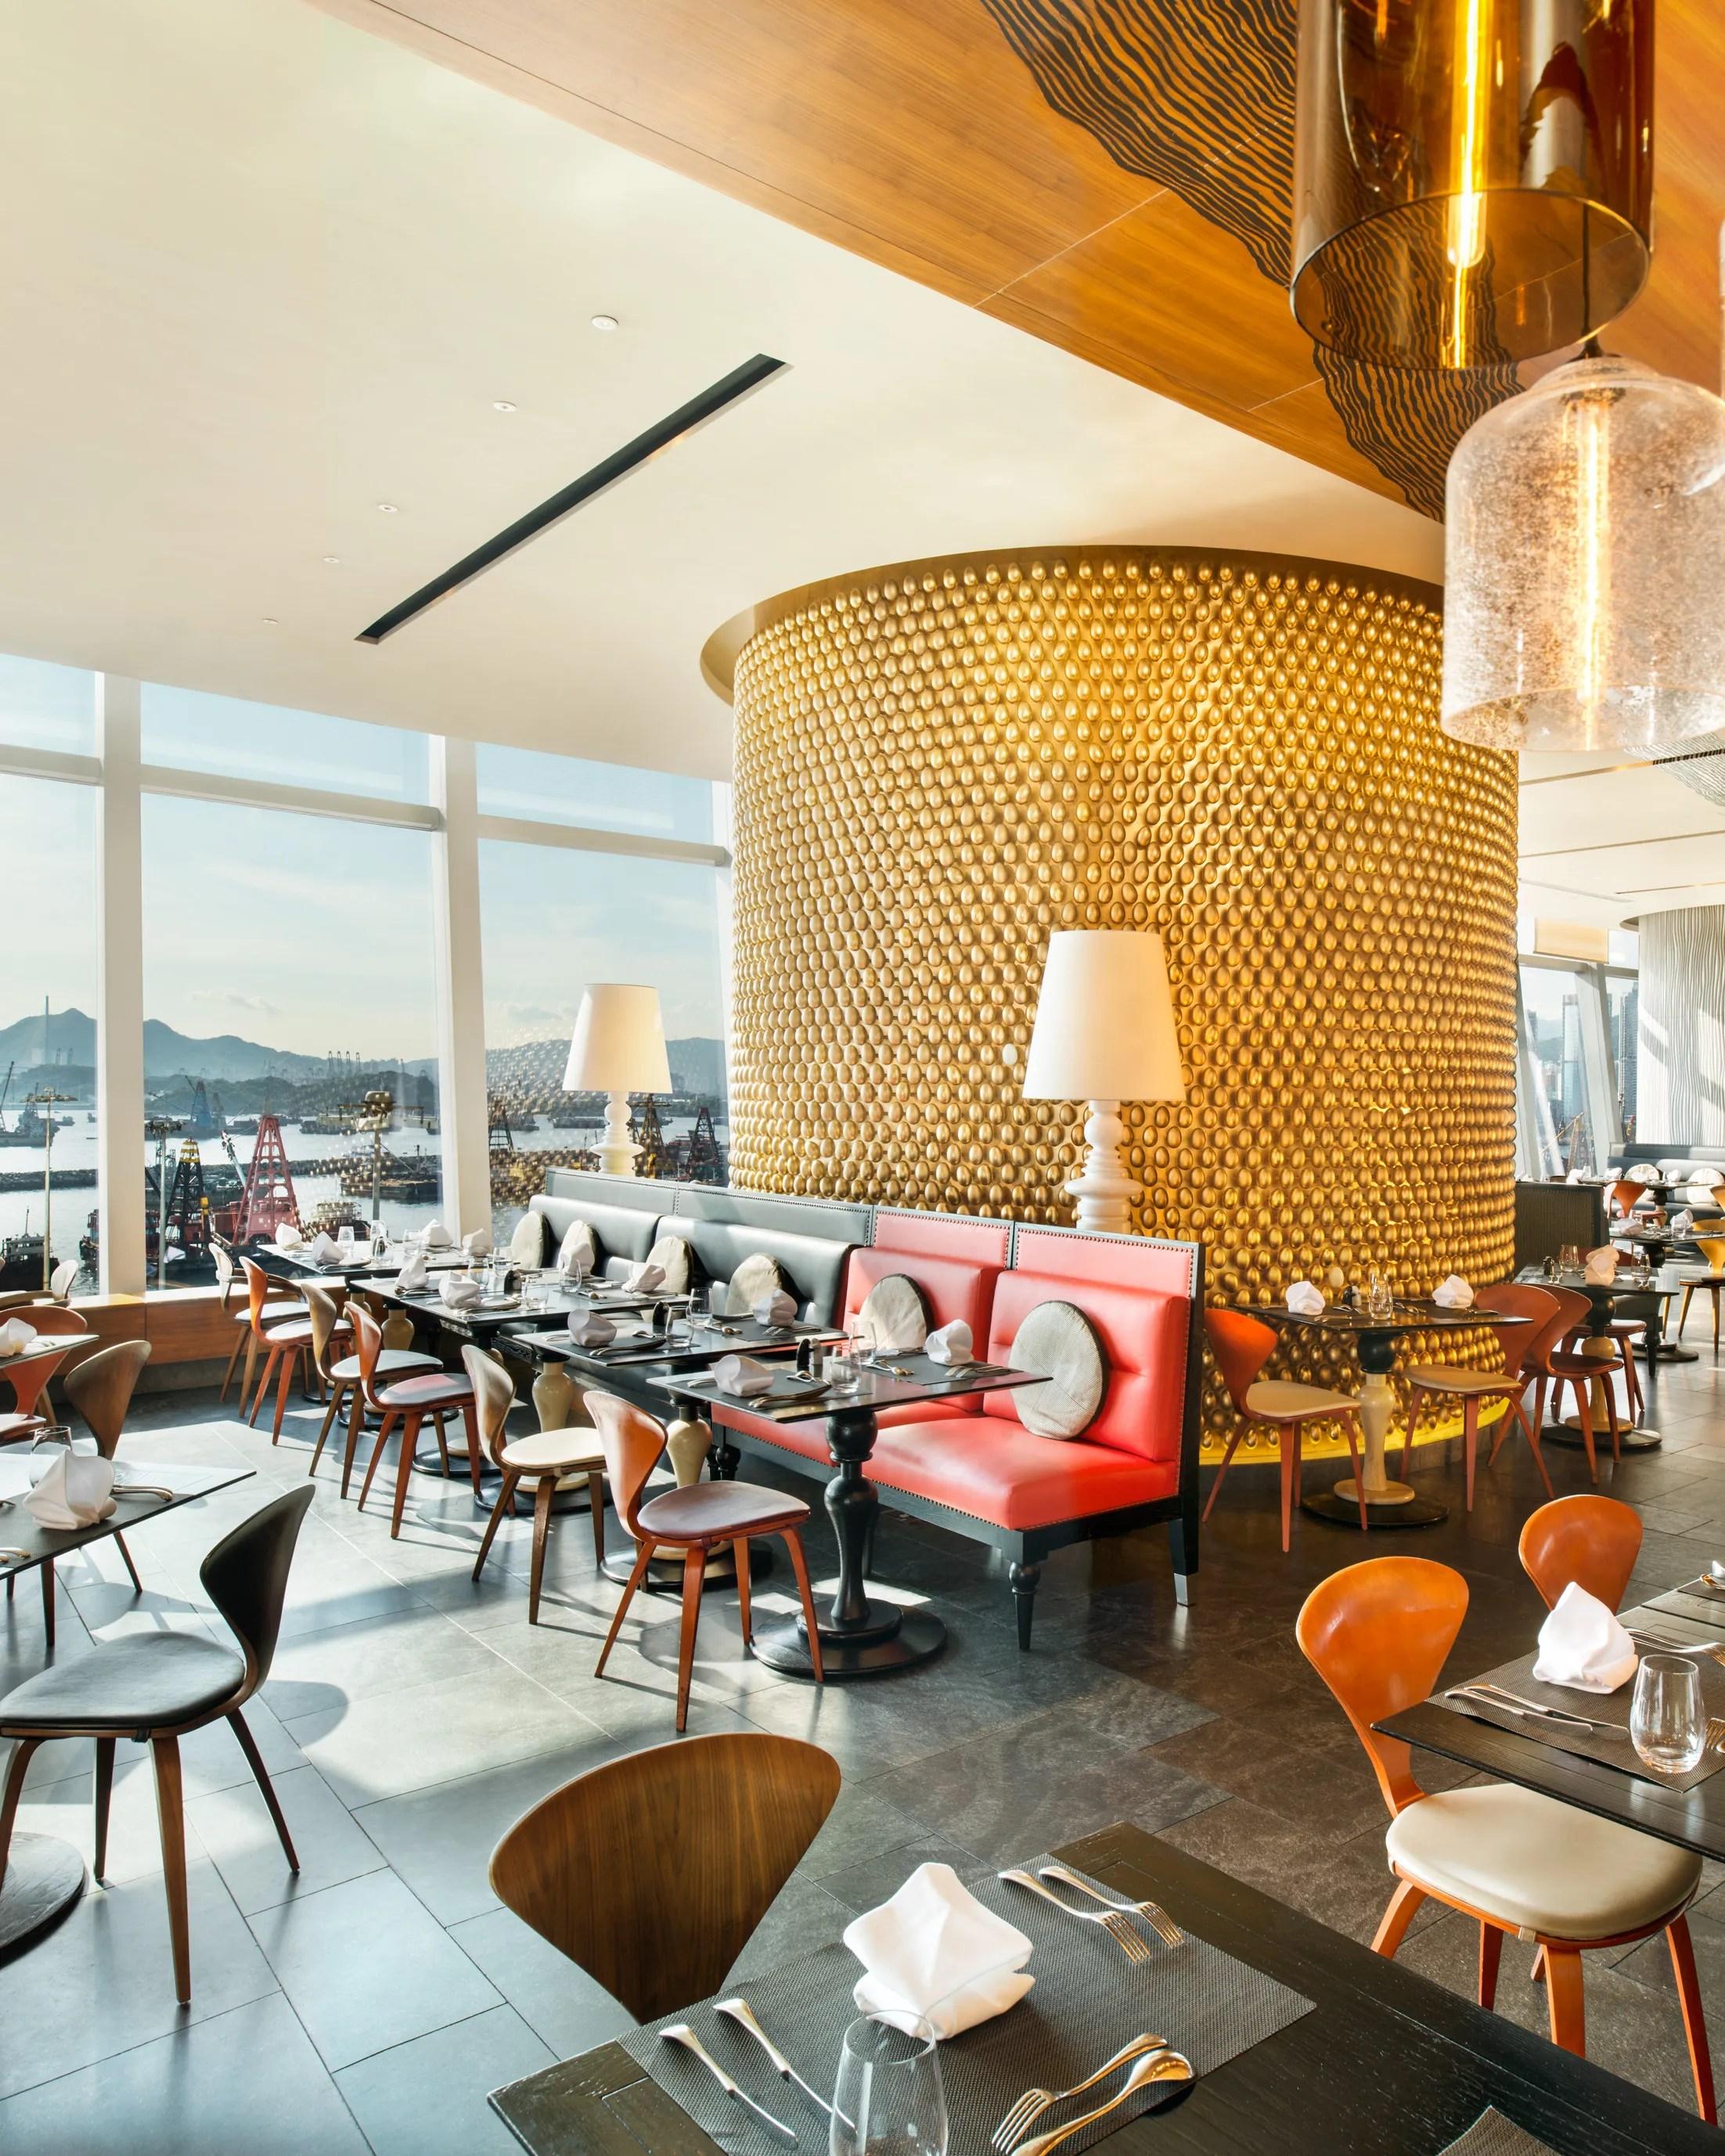 Sing Yin at W Hong Kong. Hong Kong - Restaurant Review - Condé Nast Traveler